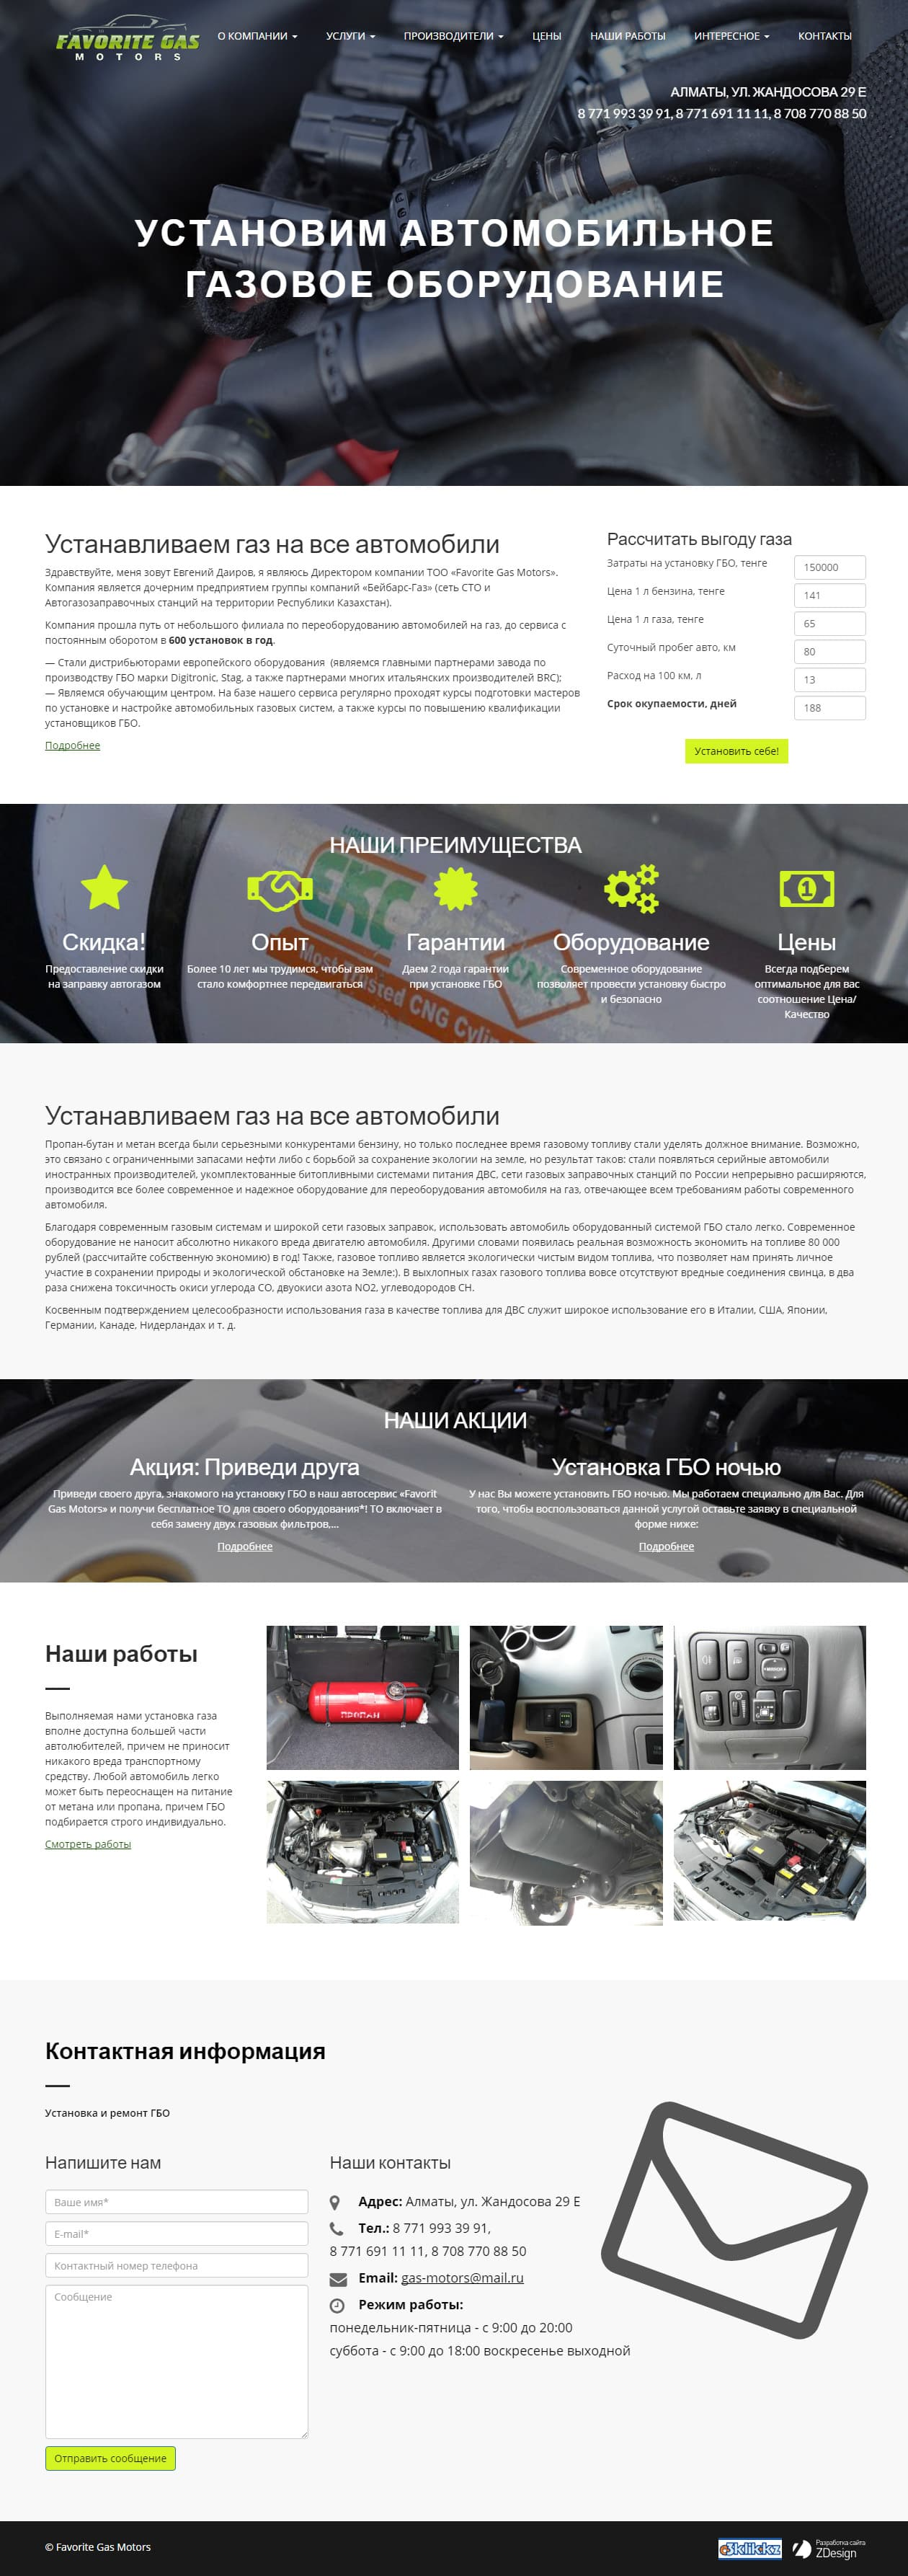 Разработка бизнес-сайта автогазового оборудования